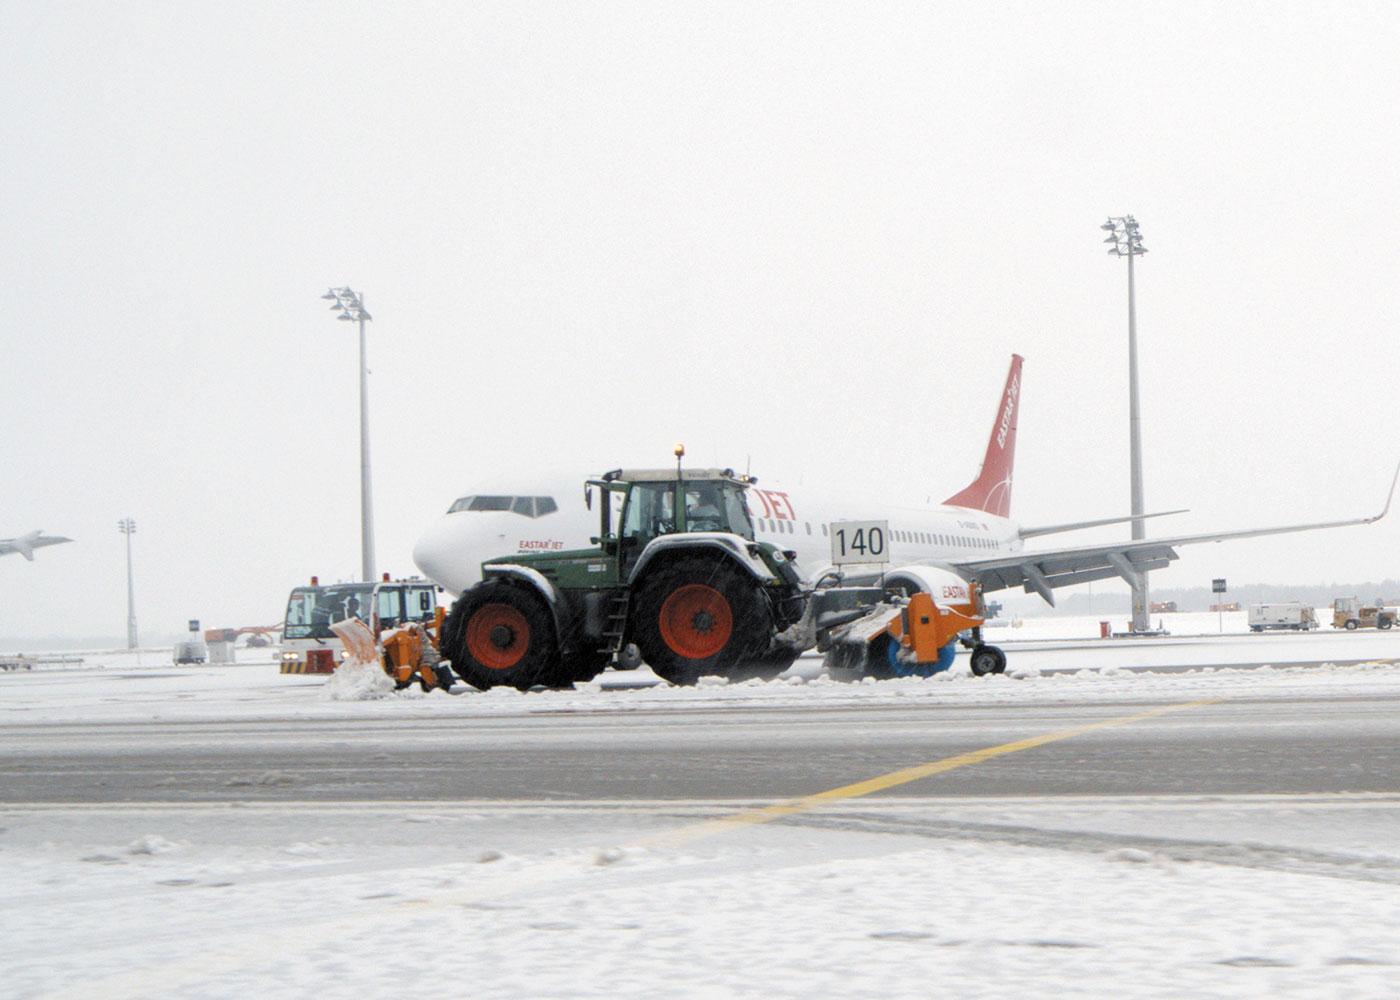 bema_Jumbo_Airport_Turbo_Bild_03_1400x1000.jpg